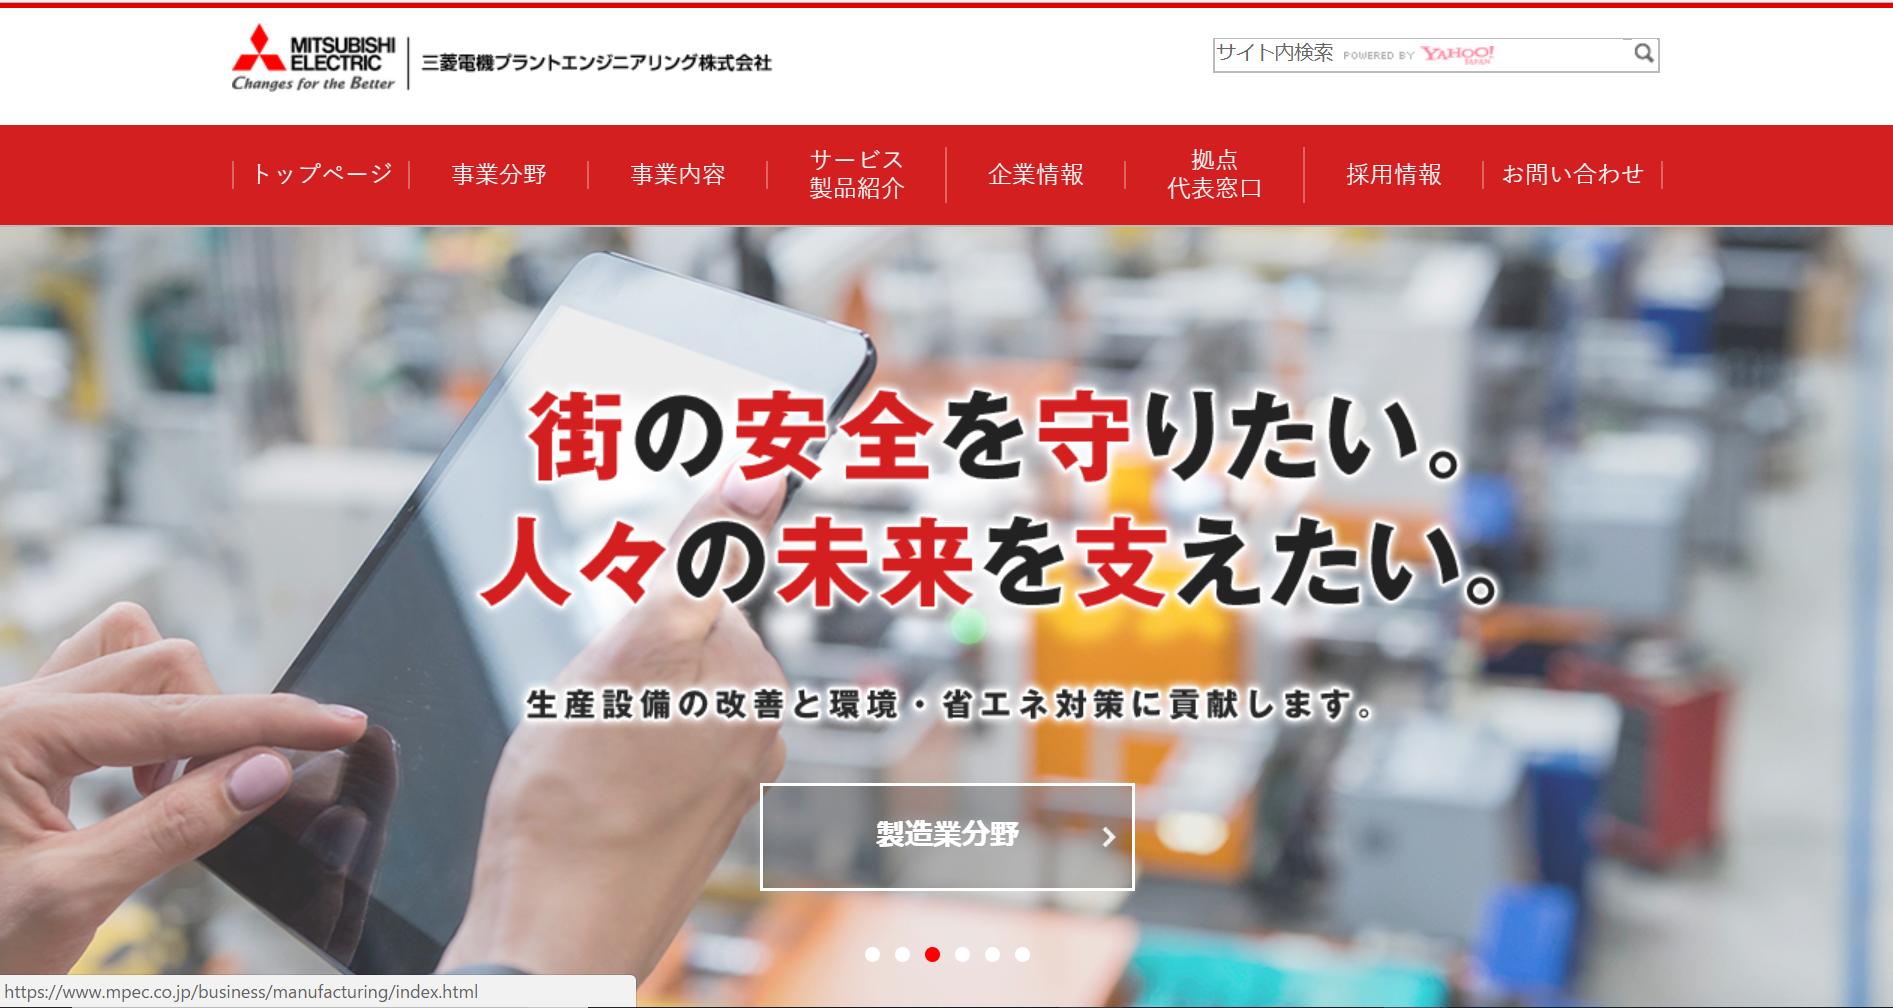 三菱電機プラントエンジニアリングの評判・口コミ